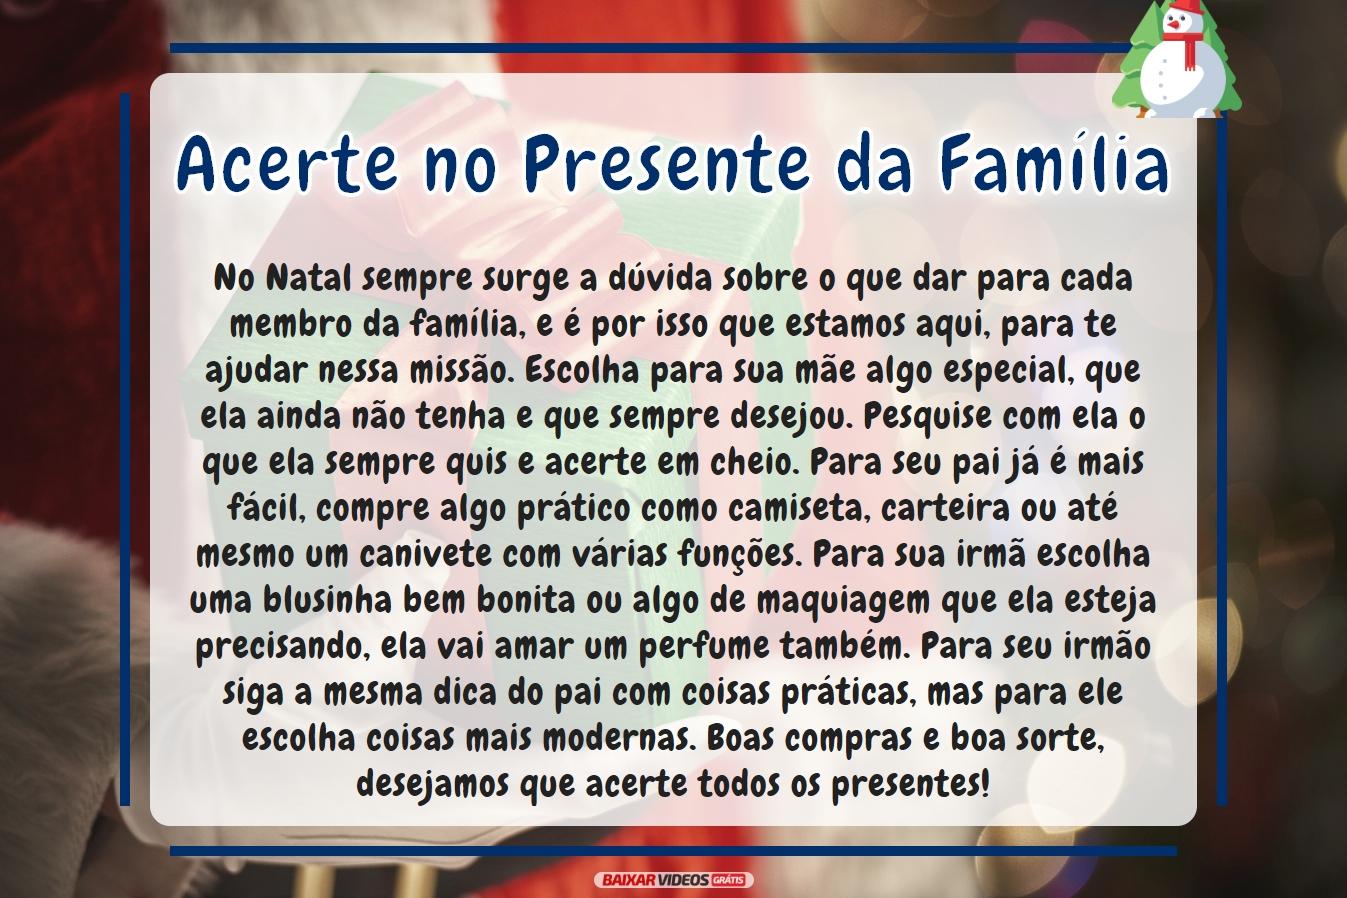 Acerte no presente da família